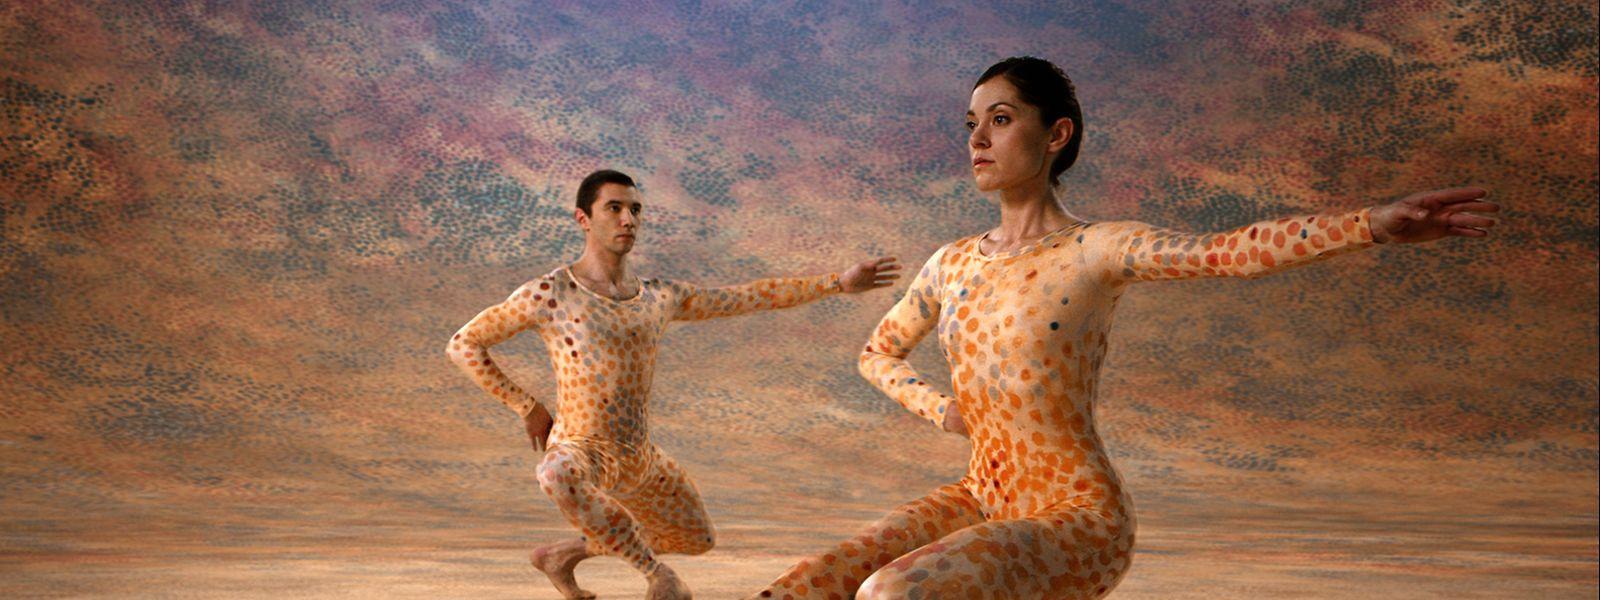 Kaum jemand hat den Tanz im 20. Jahrhundert so stark geprägt wie der US-amerikanische Choreograf und Tänzer Merce Cunningham, der die Bewegungsmöglichkeiten des menschlichen Körpers erweiterte und Musik und Tanz als unabhängige Kunstformen verstand.